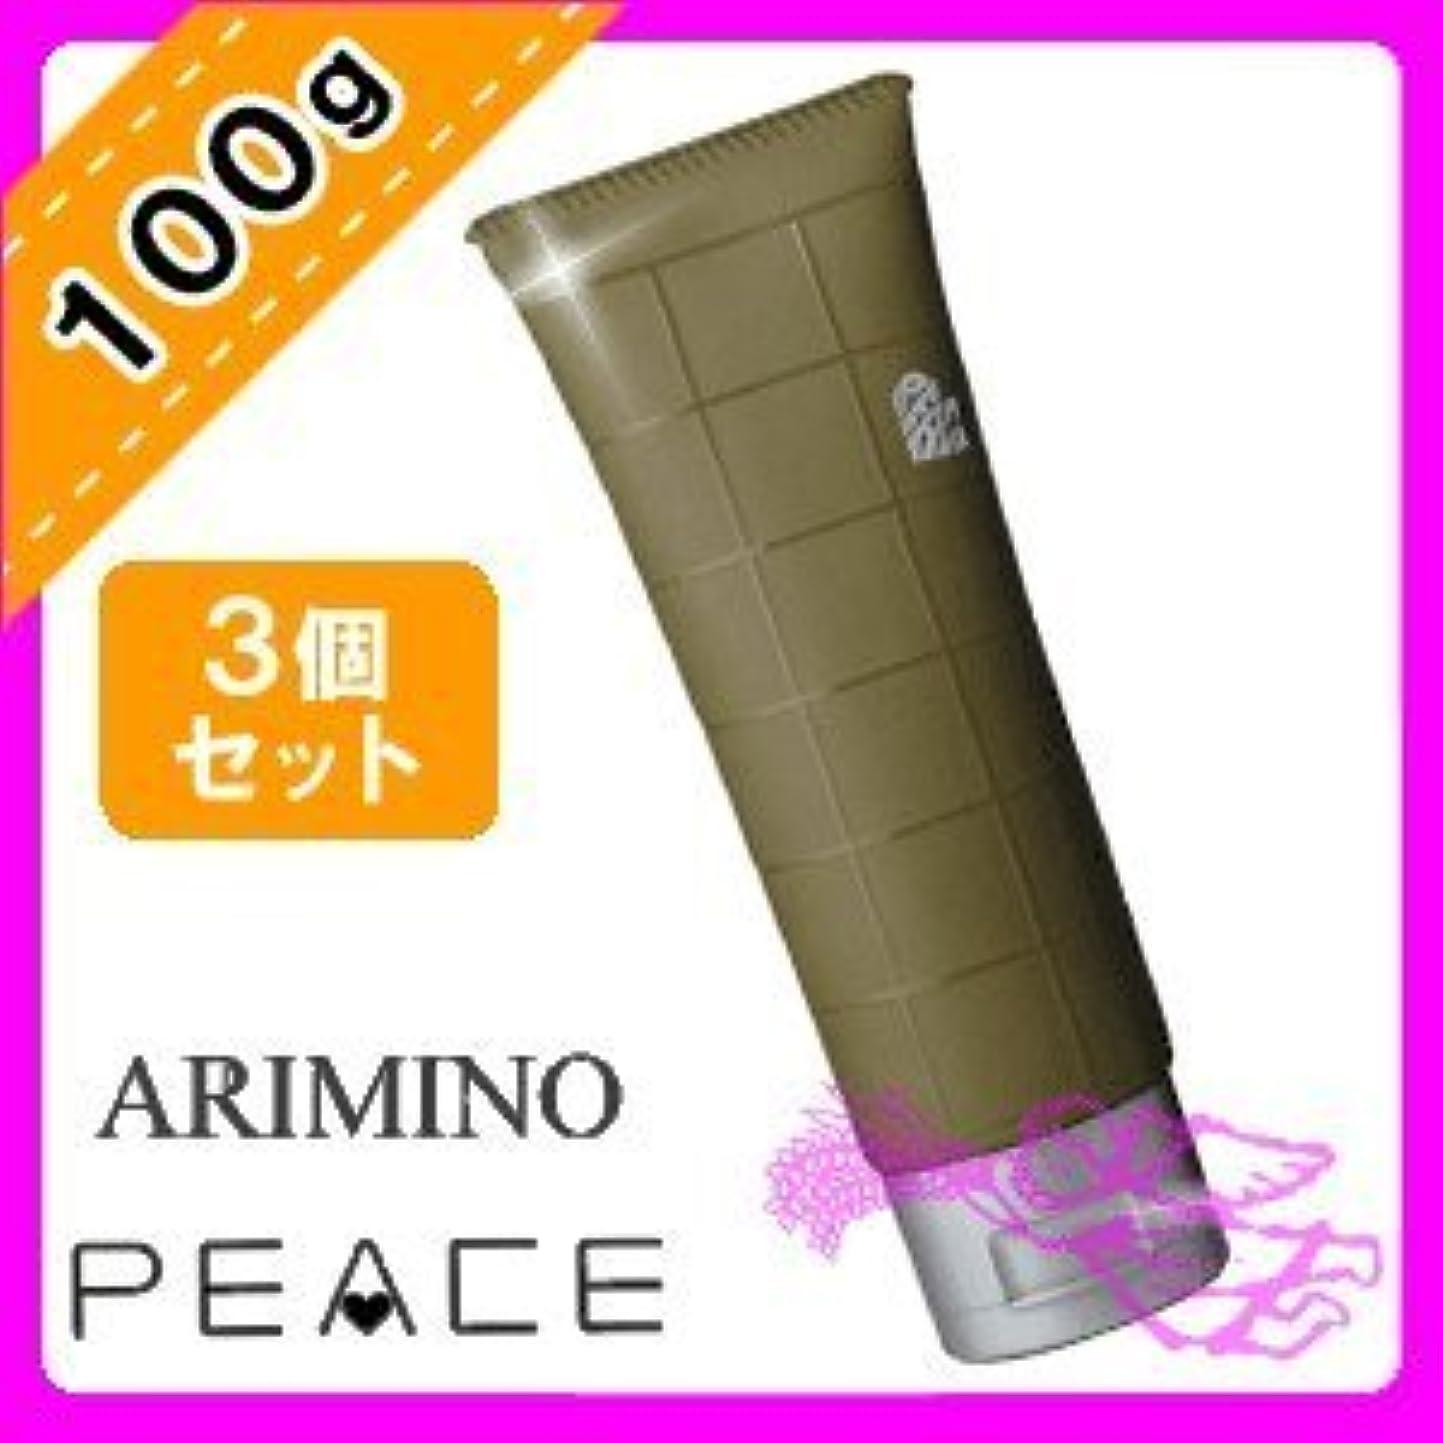 適応申し立て名誉アリミノ ピース ウェットオイル ワックス 100g ×3個セット arimino PEACE